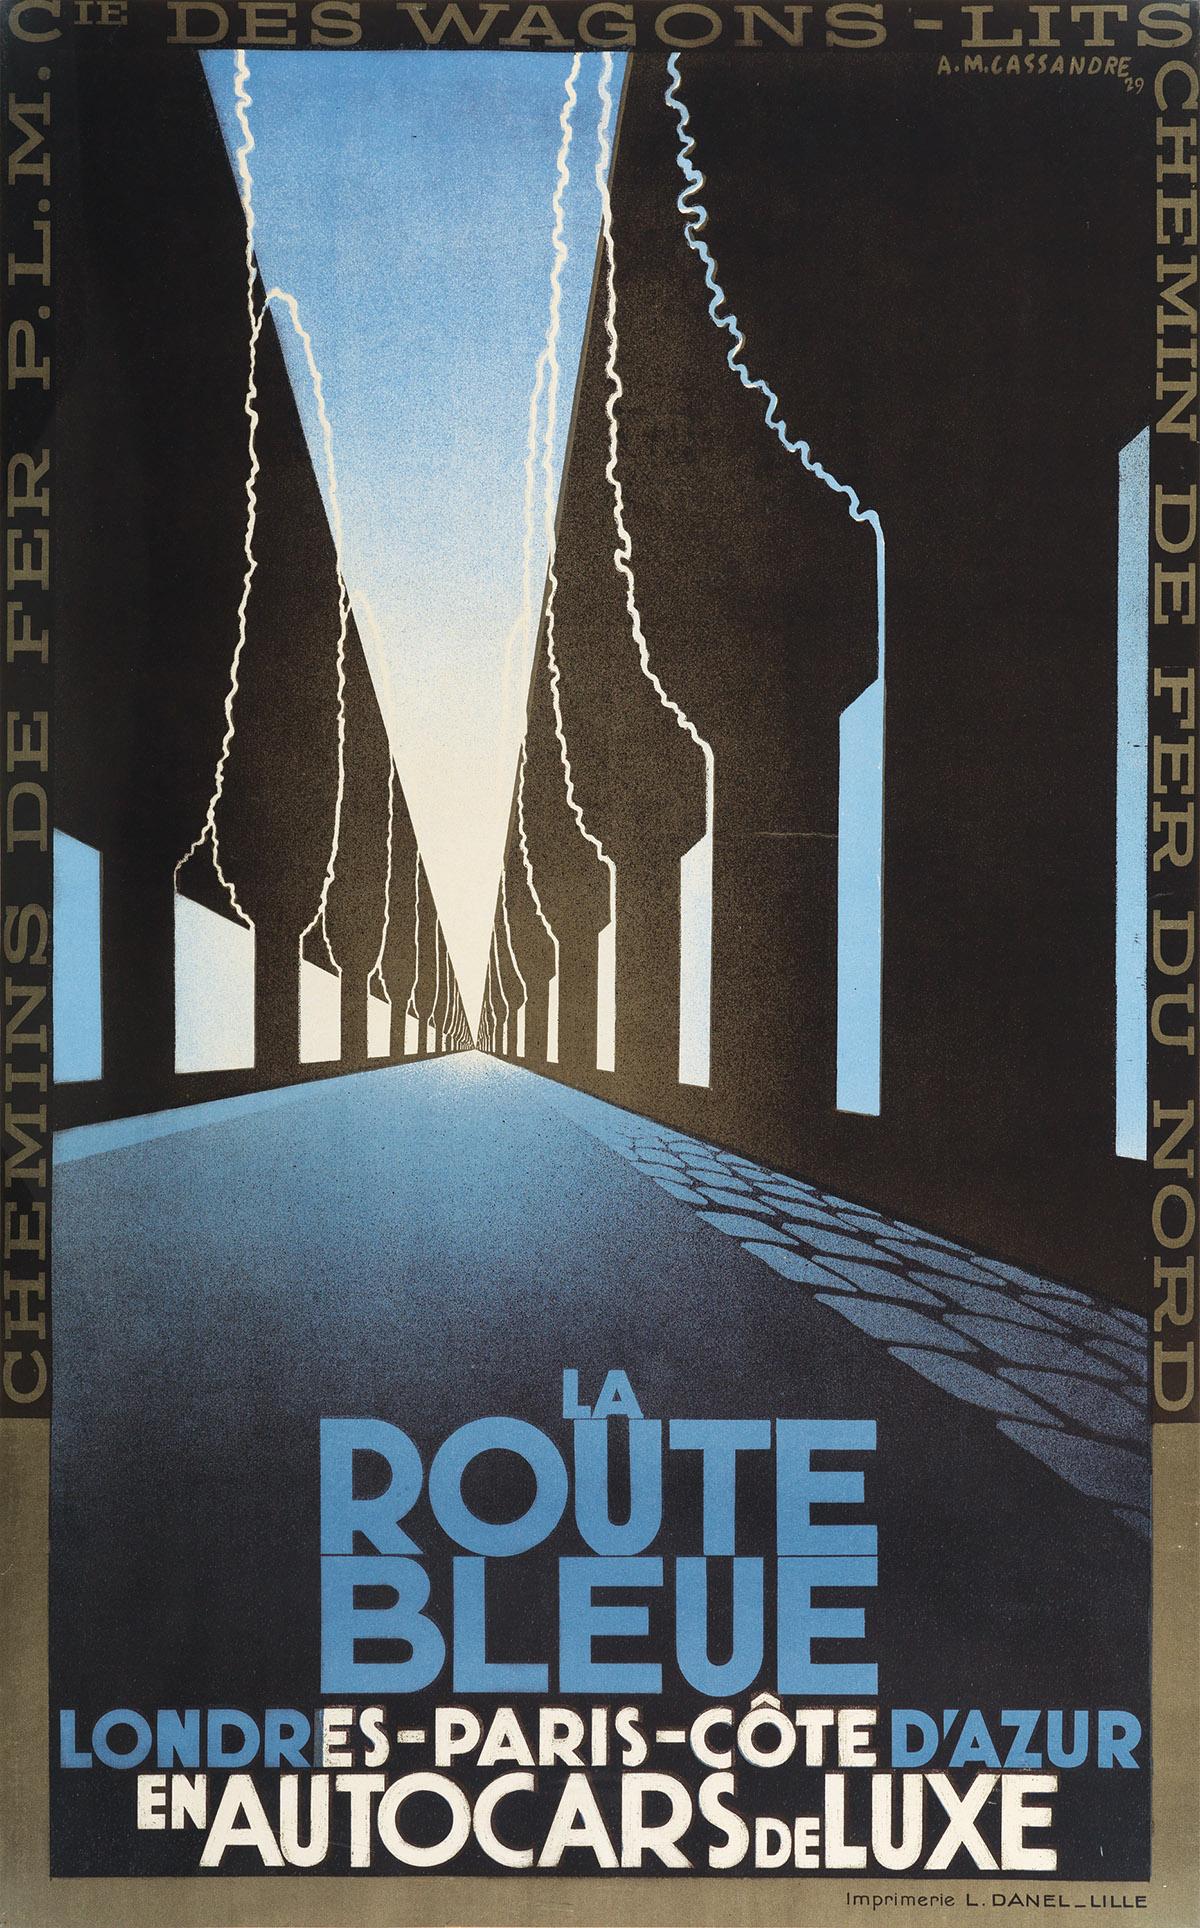 ADOLPHE MOURON CASSANDRE (1901-1968). LA ROUTE BLEUE. 1929. 39x24 inches, 99x61 cm. L. Danel, Lille.